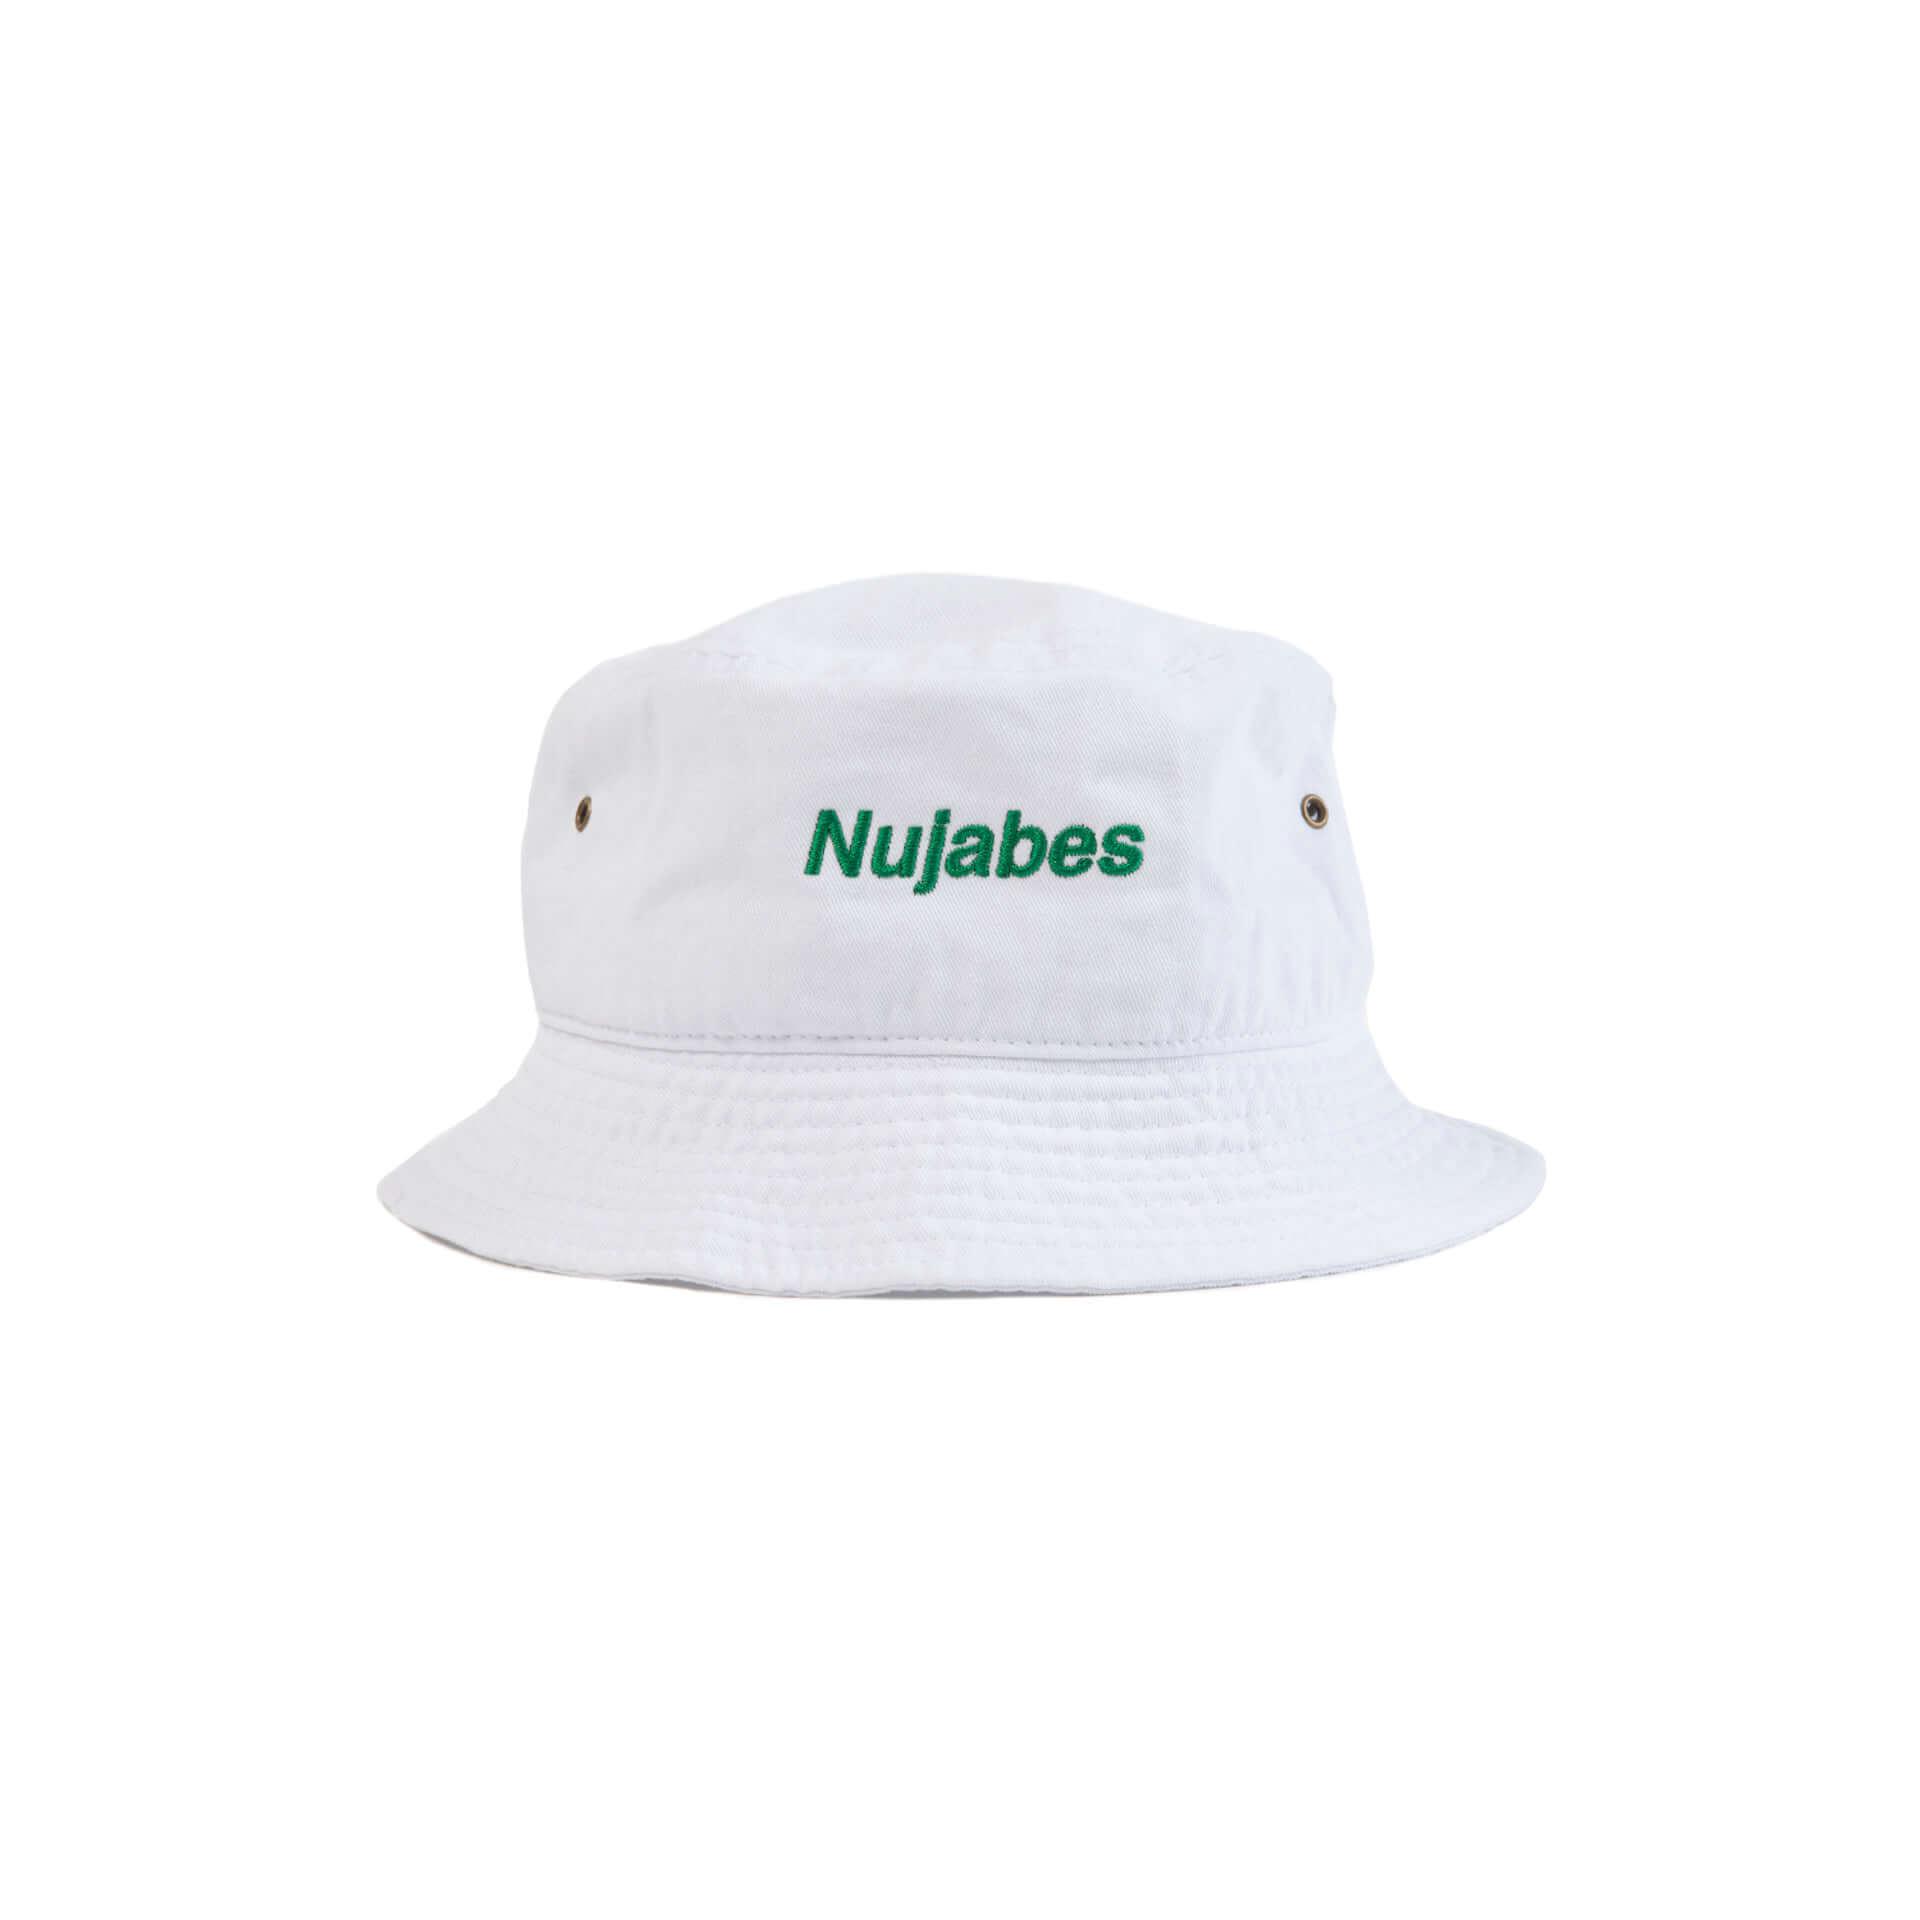 Nujabesの公式ポップアップにフーディー、ロングスリーブなどの新商品が続々登場!冬にぴったりなウールキャップやルームパンツも lf201110_nujabes-popup_6-1920x1920